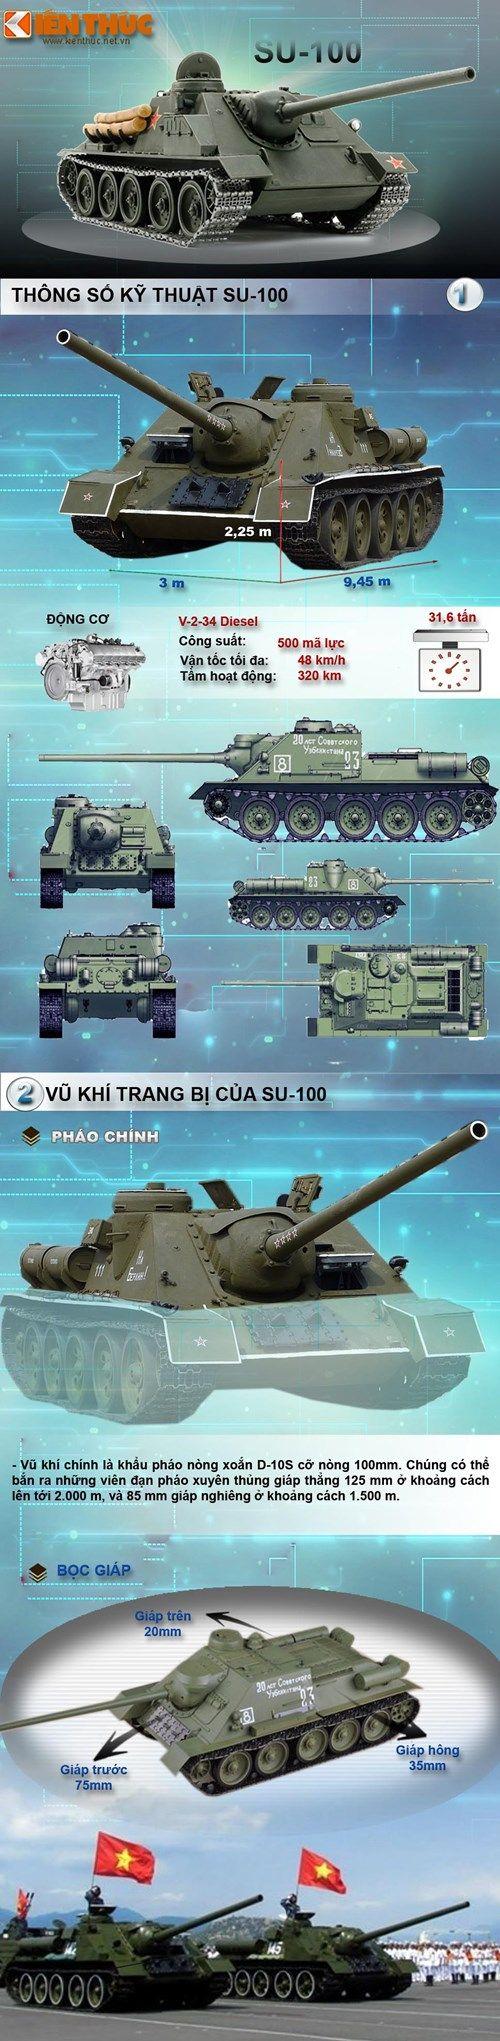 Infographic: Pháo tự hành chống tăng SU-100 của Hải quân Việt Nam